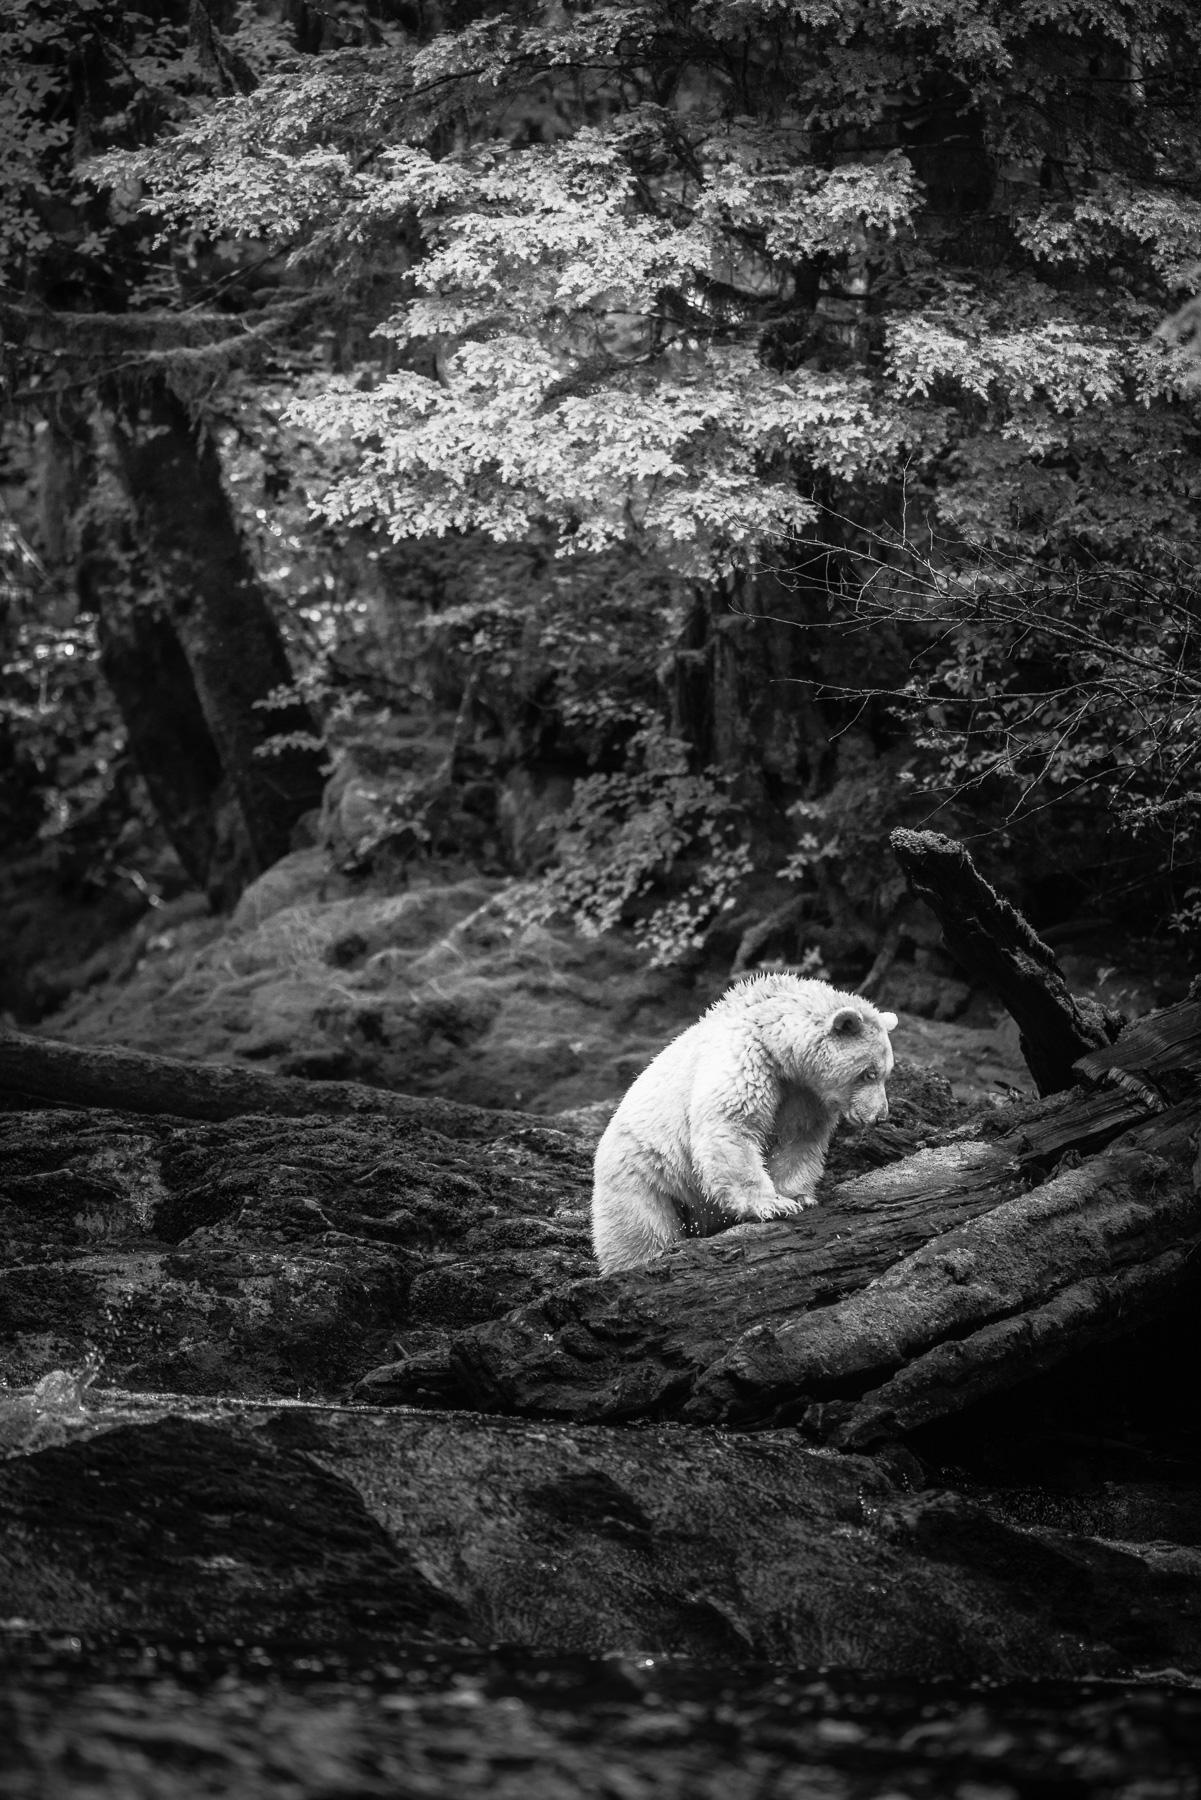 GreatBearRainforest-DavidduChemin